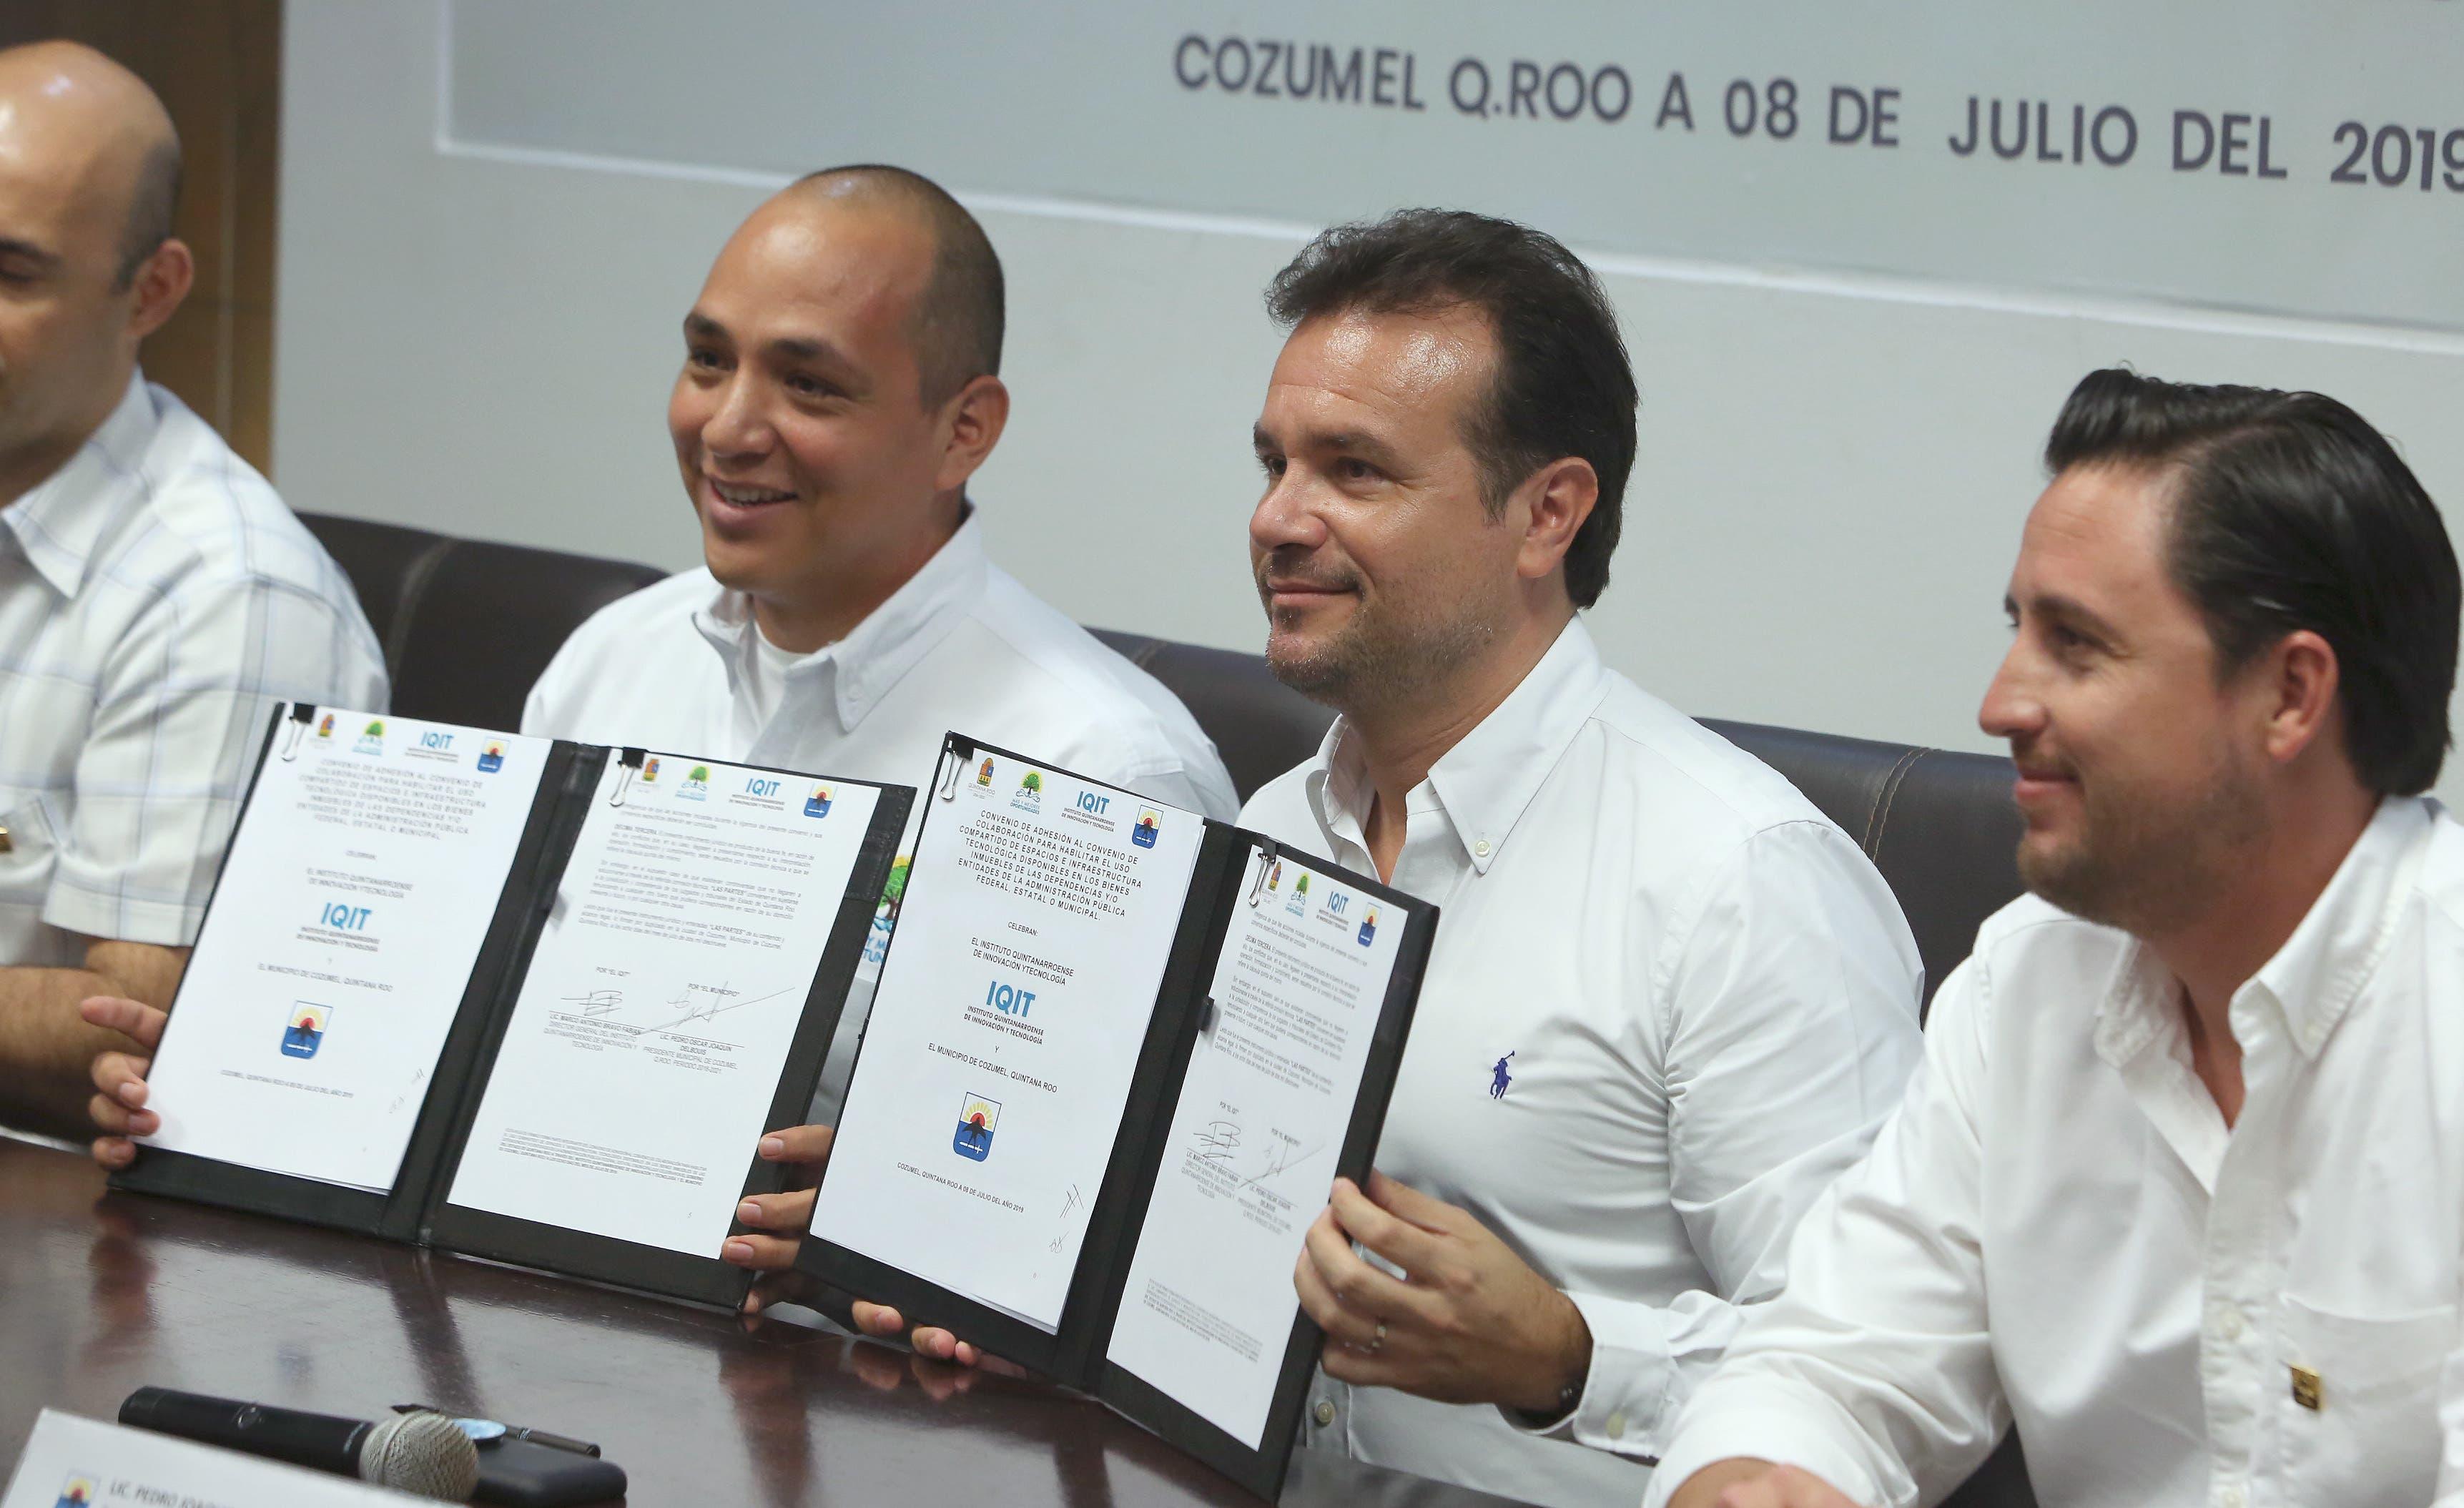 Pedro Joaquín respalda el trabajo del DIF Cozumel